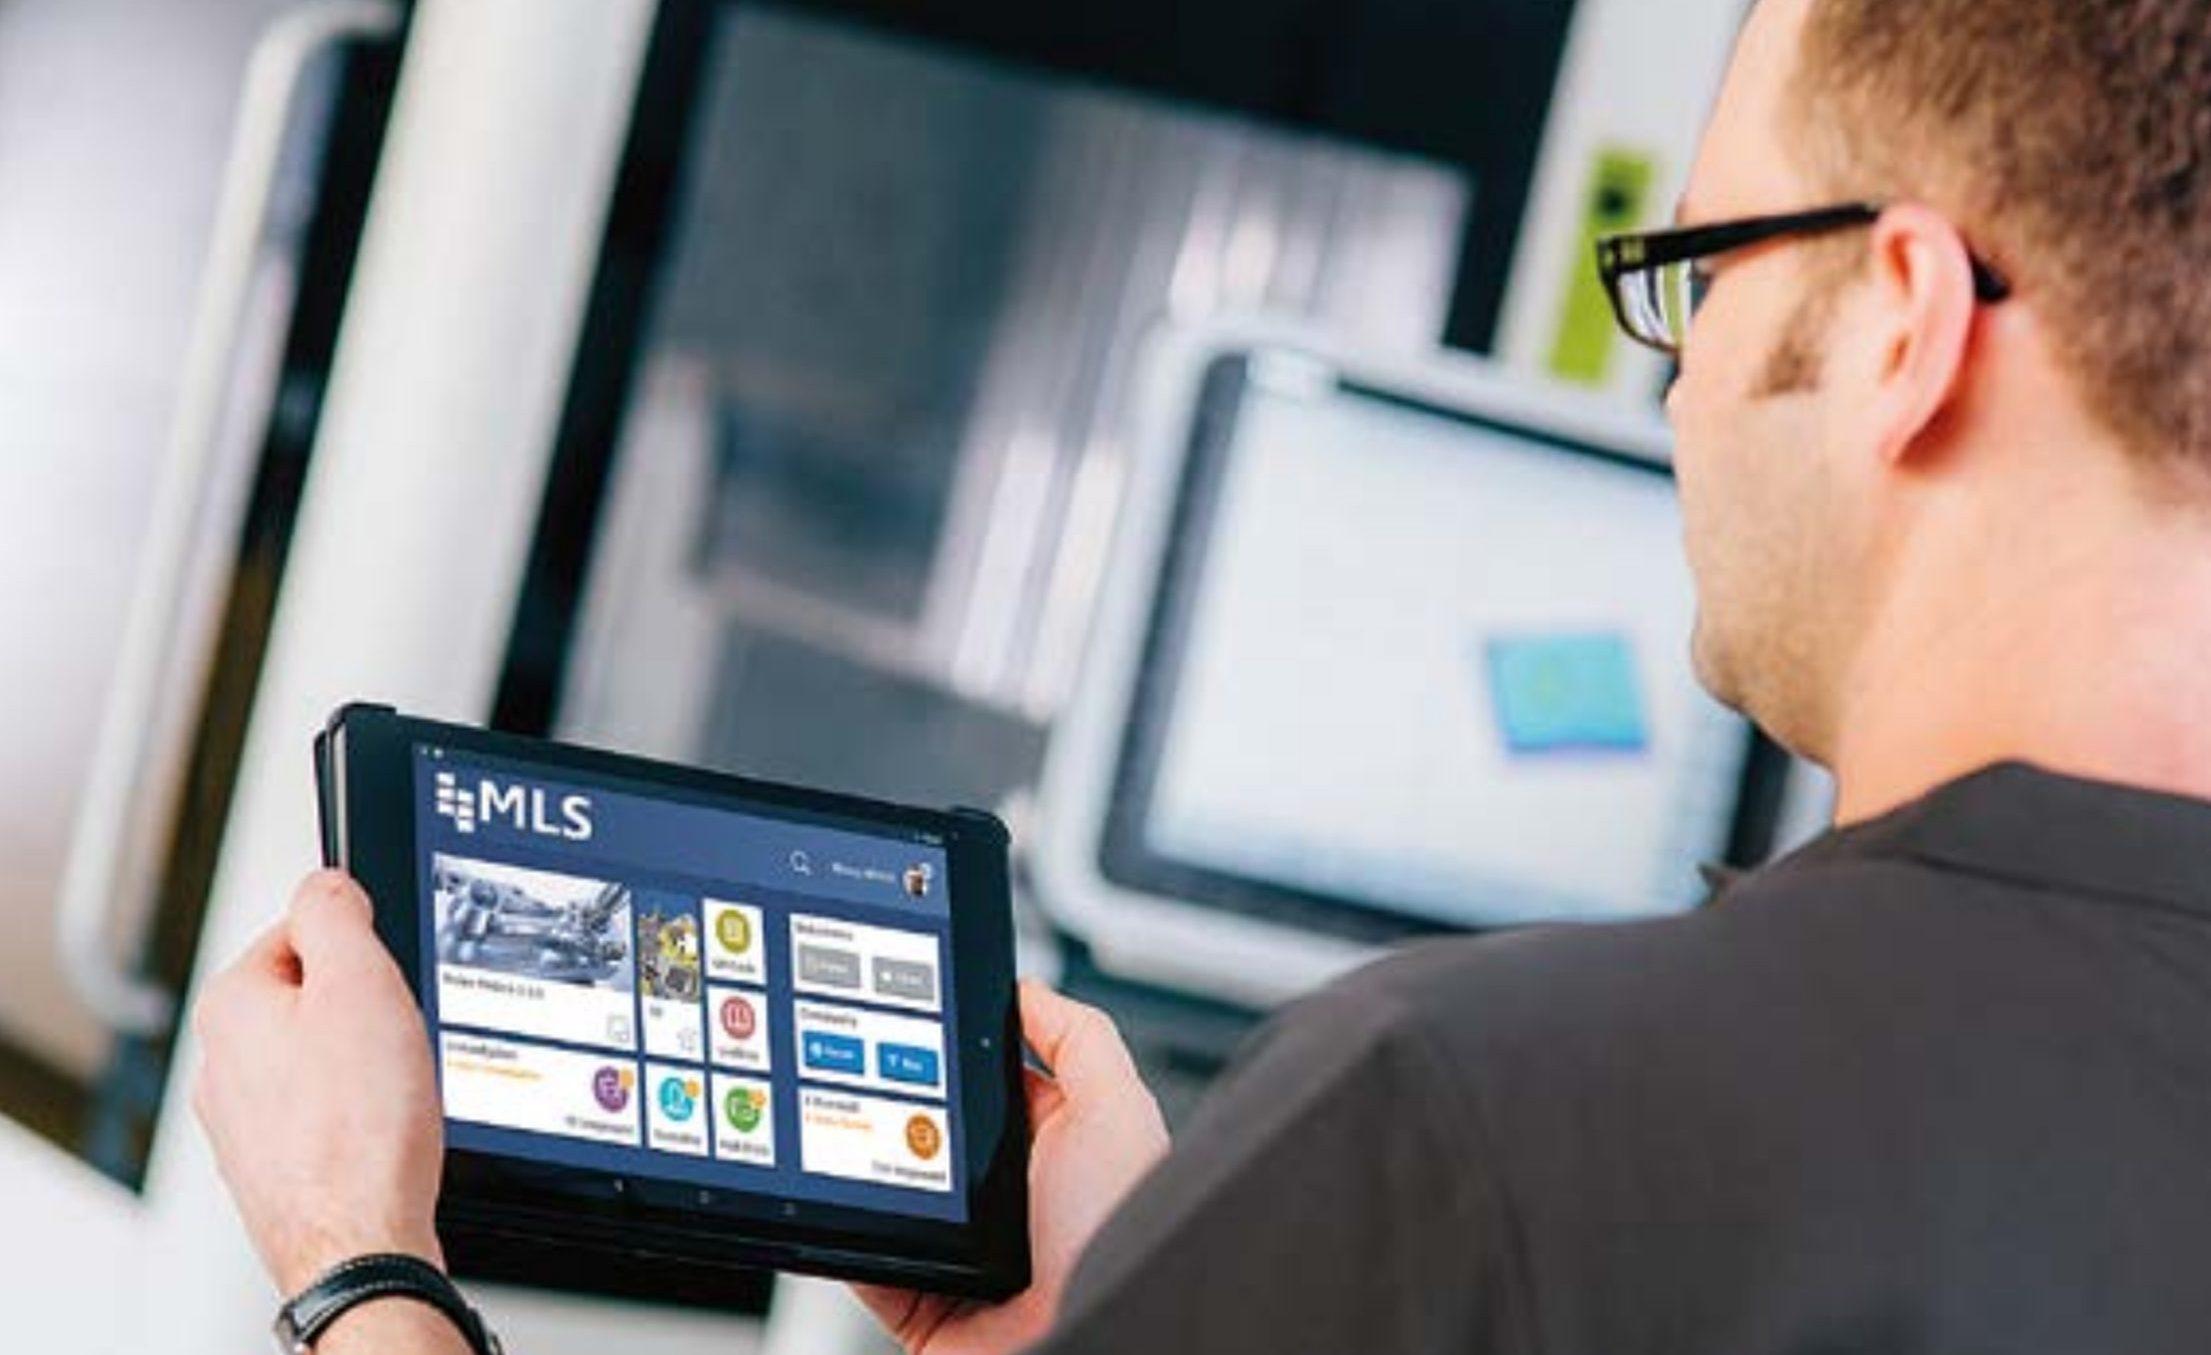 Mobile Learning in Smart Factories ist eine in der jeweiligen Arbeits- und Lernumgebung nutzbare Applikation auf einem Mobilgerät, die über das Internet abrufbare kontextrelevante Informationen didaktisch aufbereitet zur Verfügung stellt.  Foto: Nachwuchsstiftung Maschinenbau gGmbH